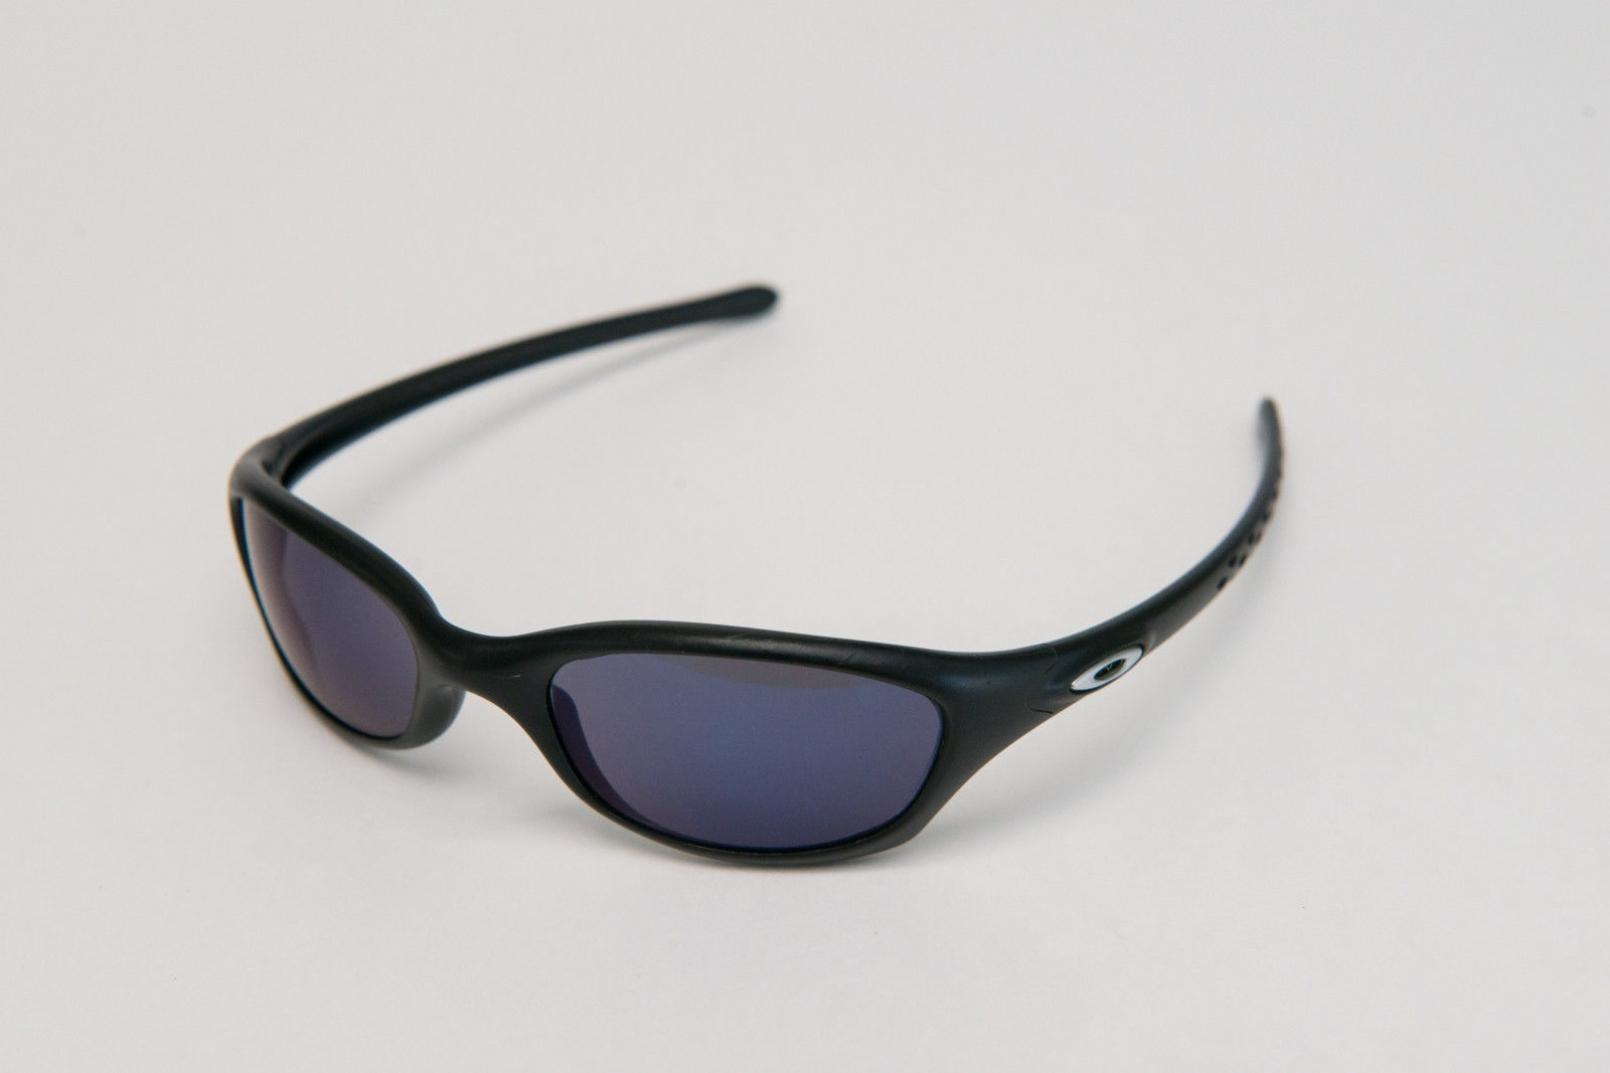 dcd2256cb3a Oakley Fives 2.0 Sunglasses « Heritage Malta